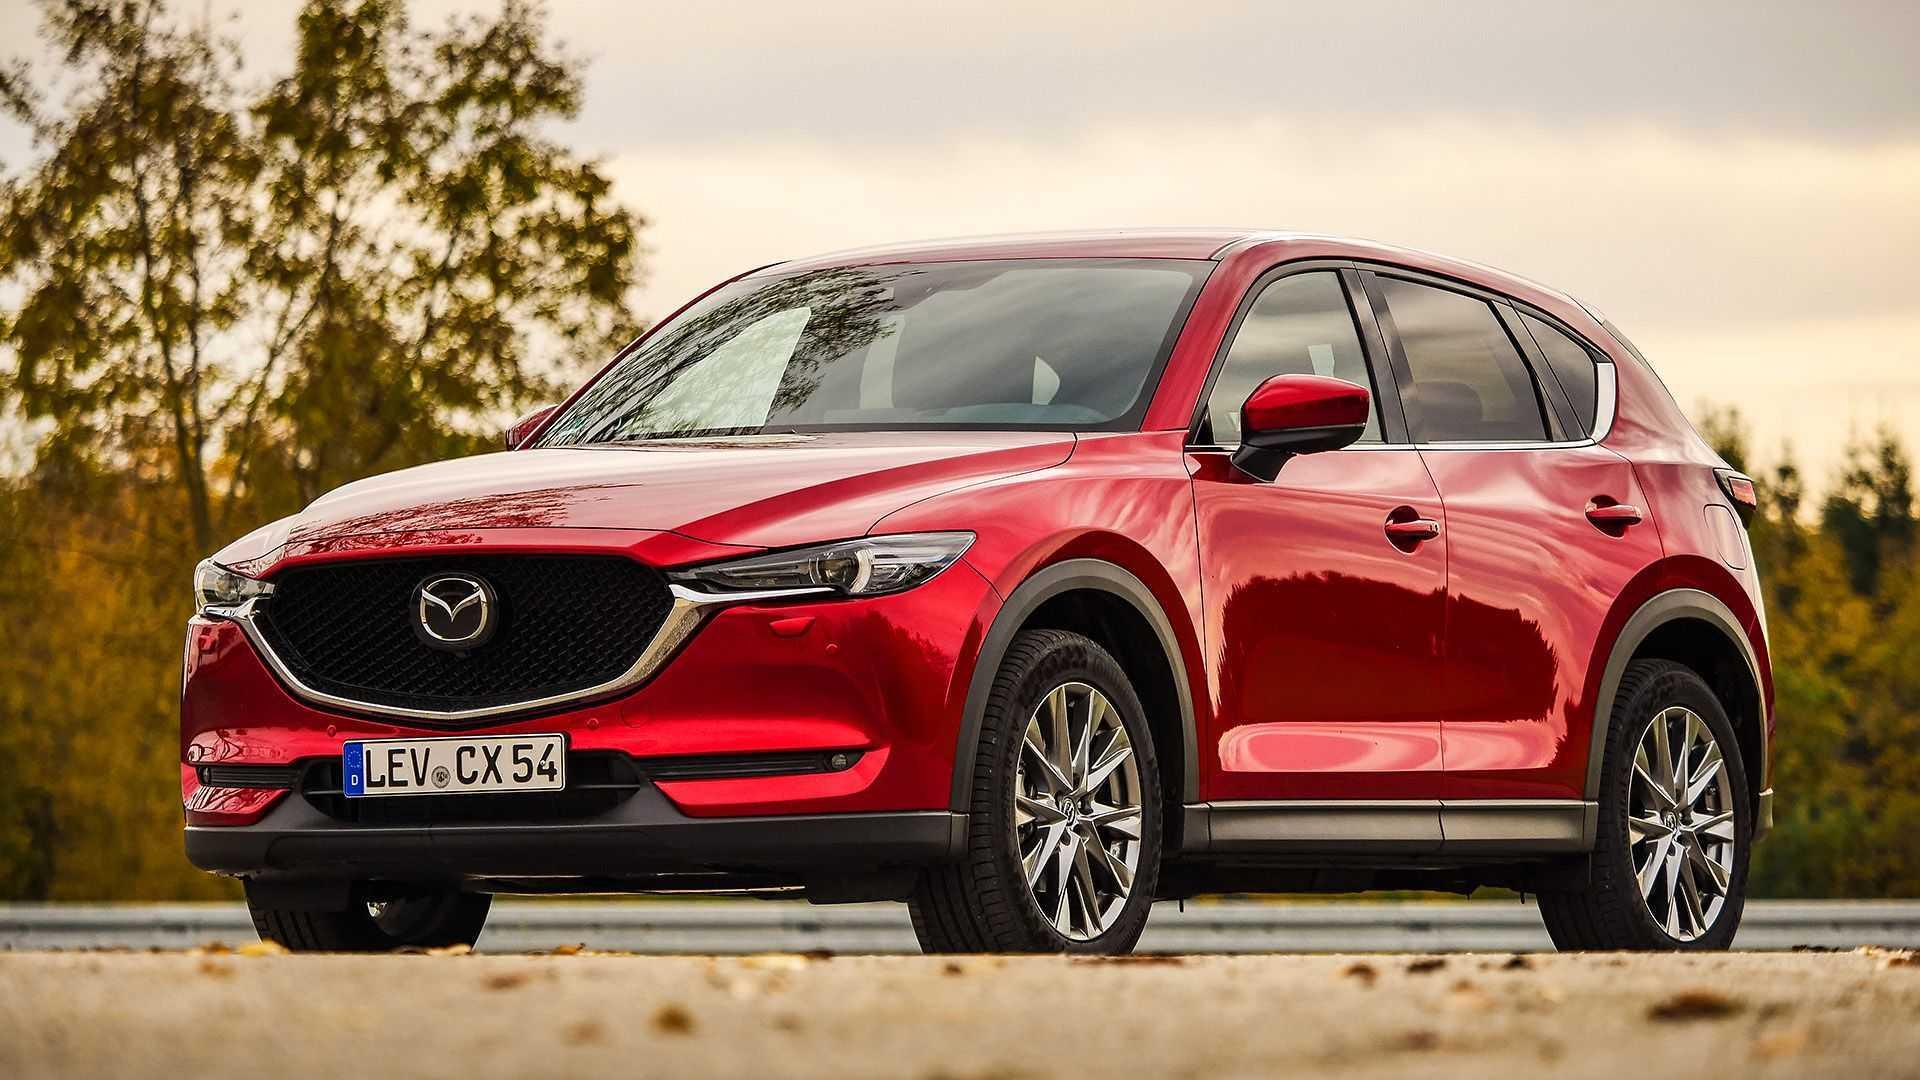 Neuer Mazda Cx 5 Soll Premium Werden 6 Zylinder Kriegen